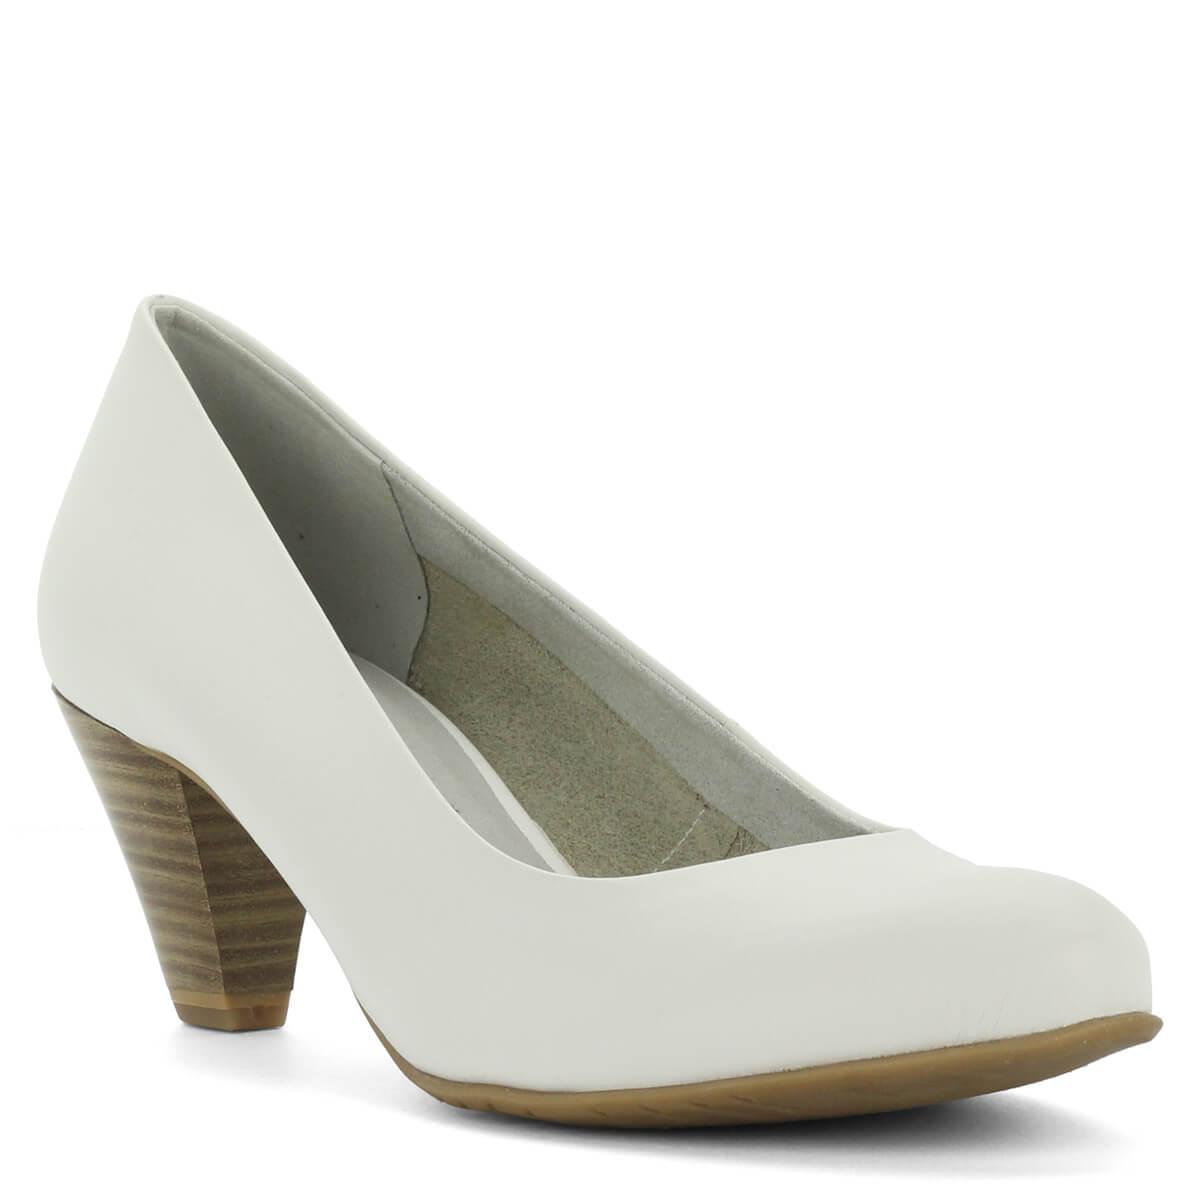 ... Fehér Tamaris cipő közepes sarokkal. Belsejében Touch It talpbélés  fokozza a kényelmet 93fe5fa043